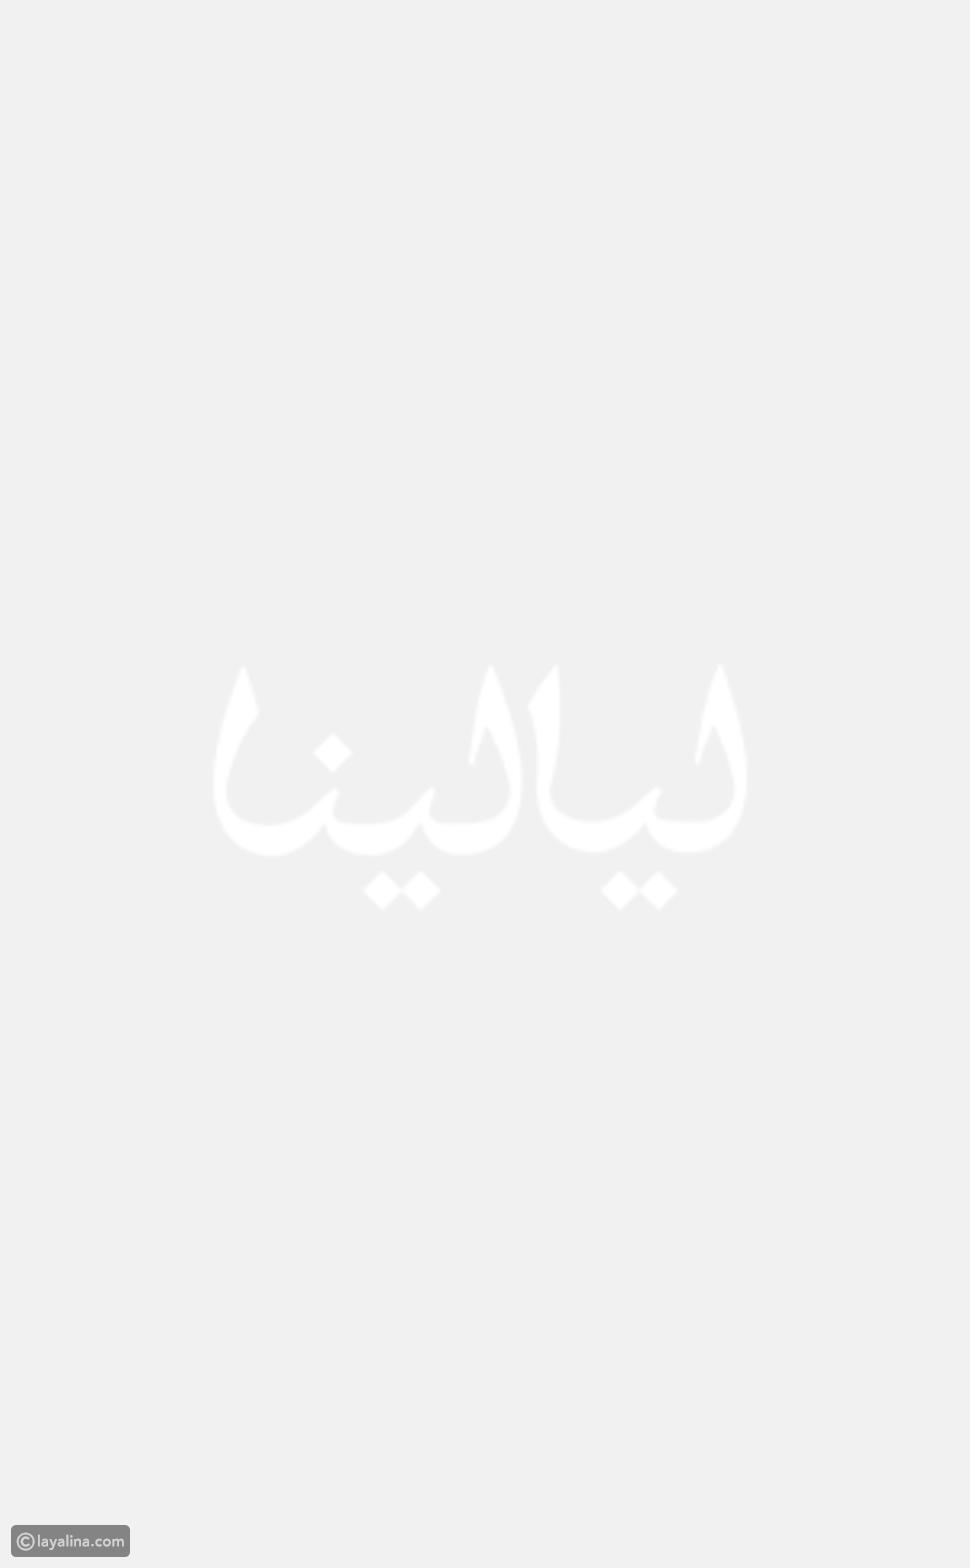 بالصور كيف اختلفت أشكال نجمات الدراما الخليجية بالمكياج وعمليات التجميل